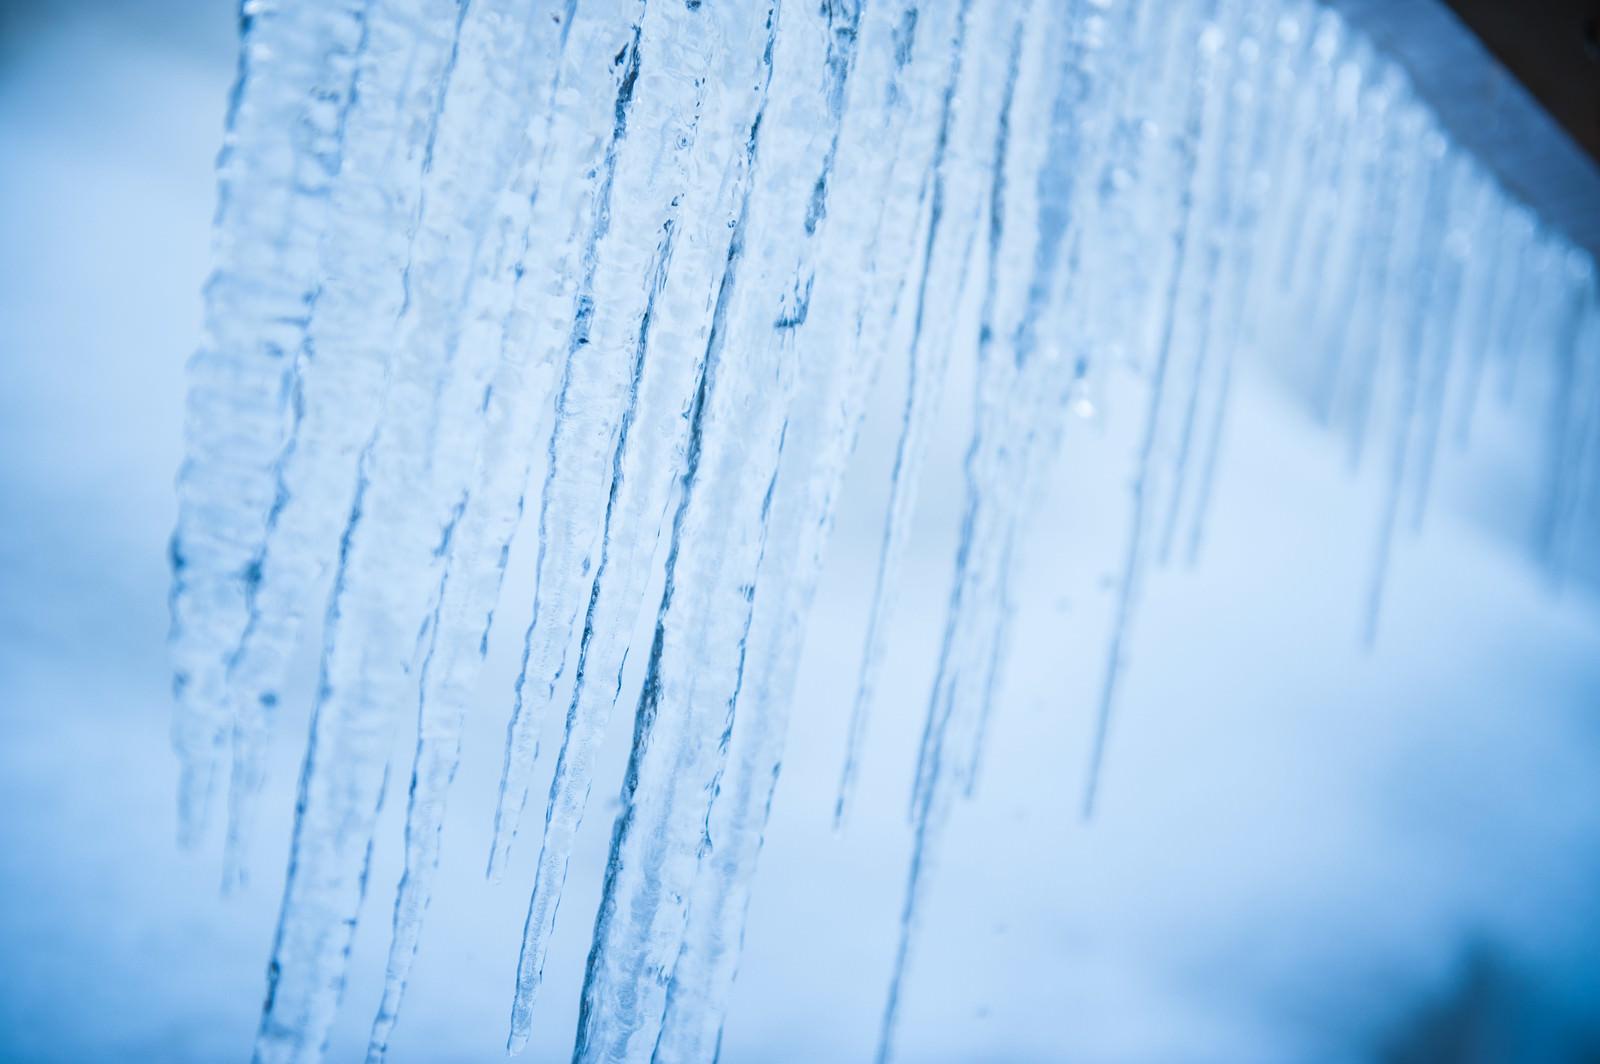 「透き通る軒下の氷柱」の写真